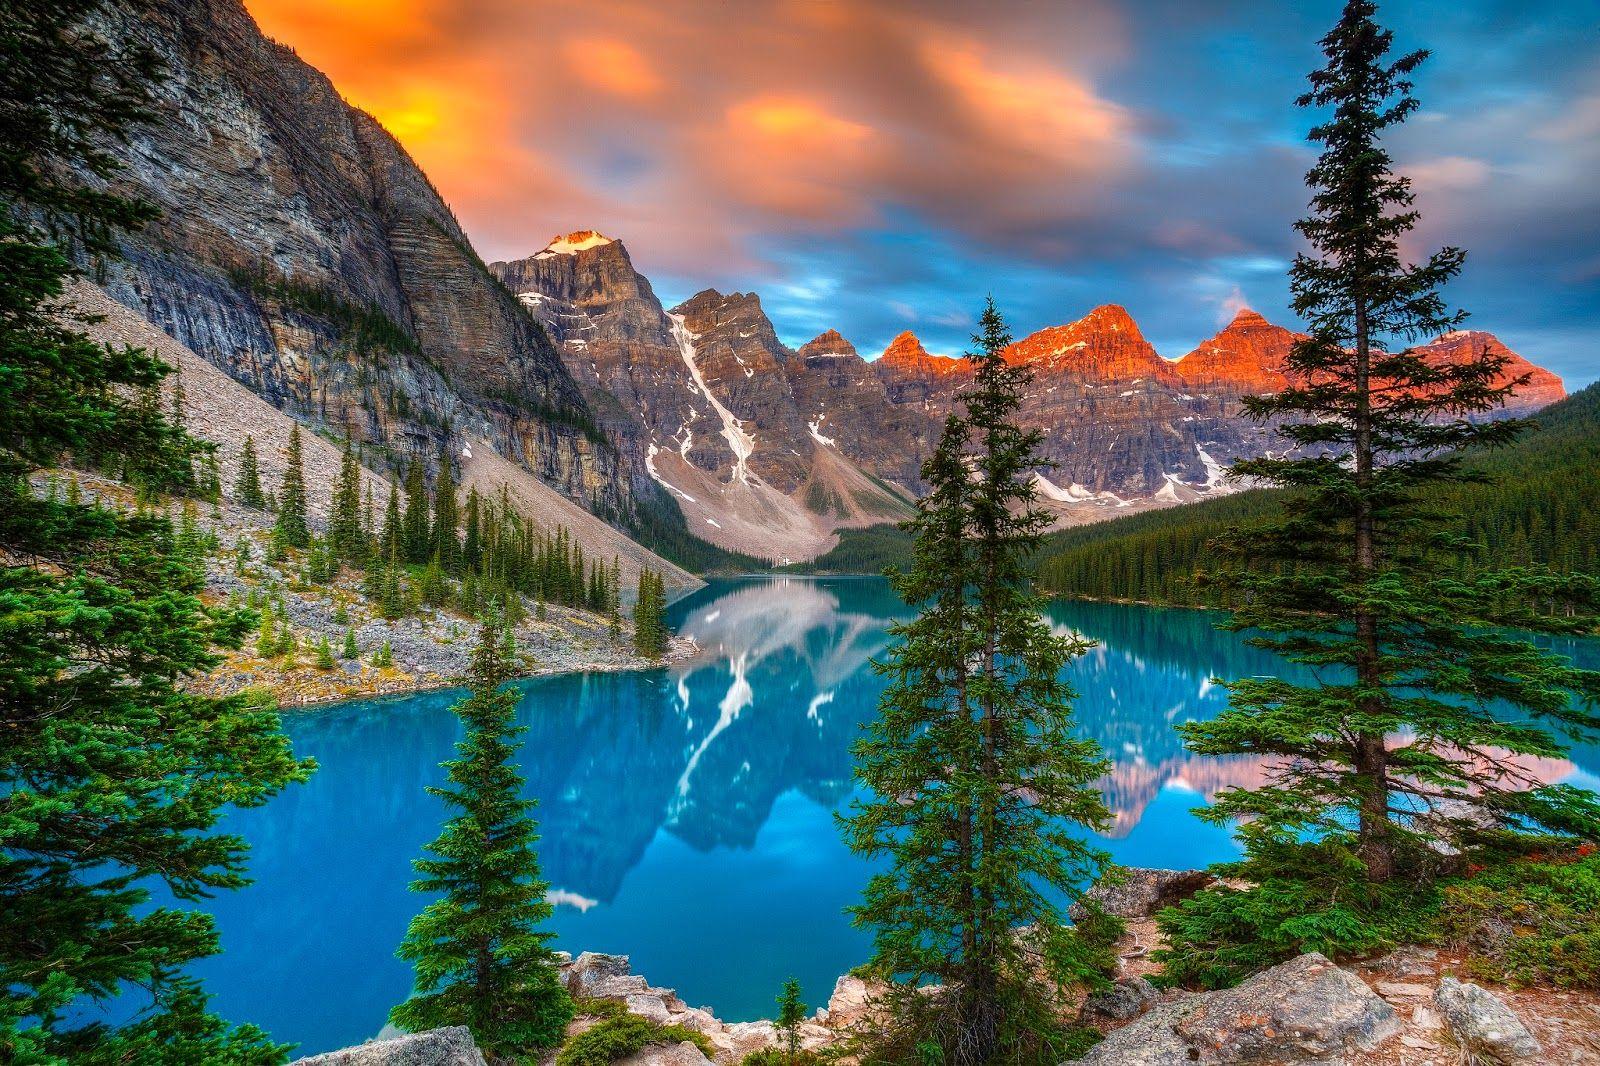 Fotos de paisajes naturales wallpaper hd 4 aczul for 3d wallpaper canada